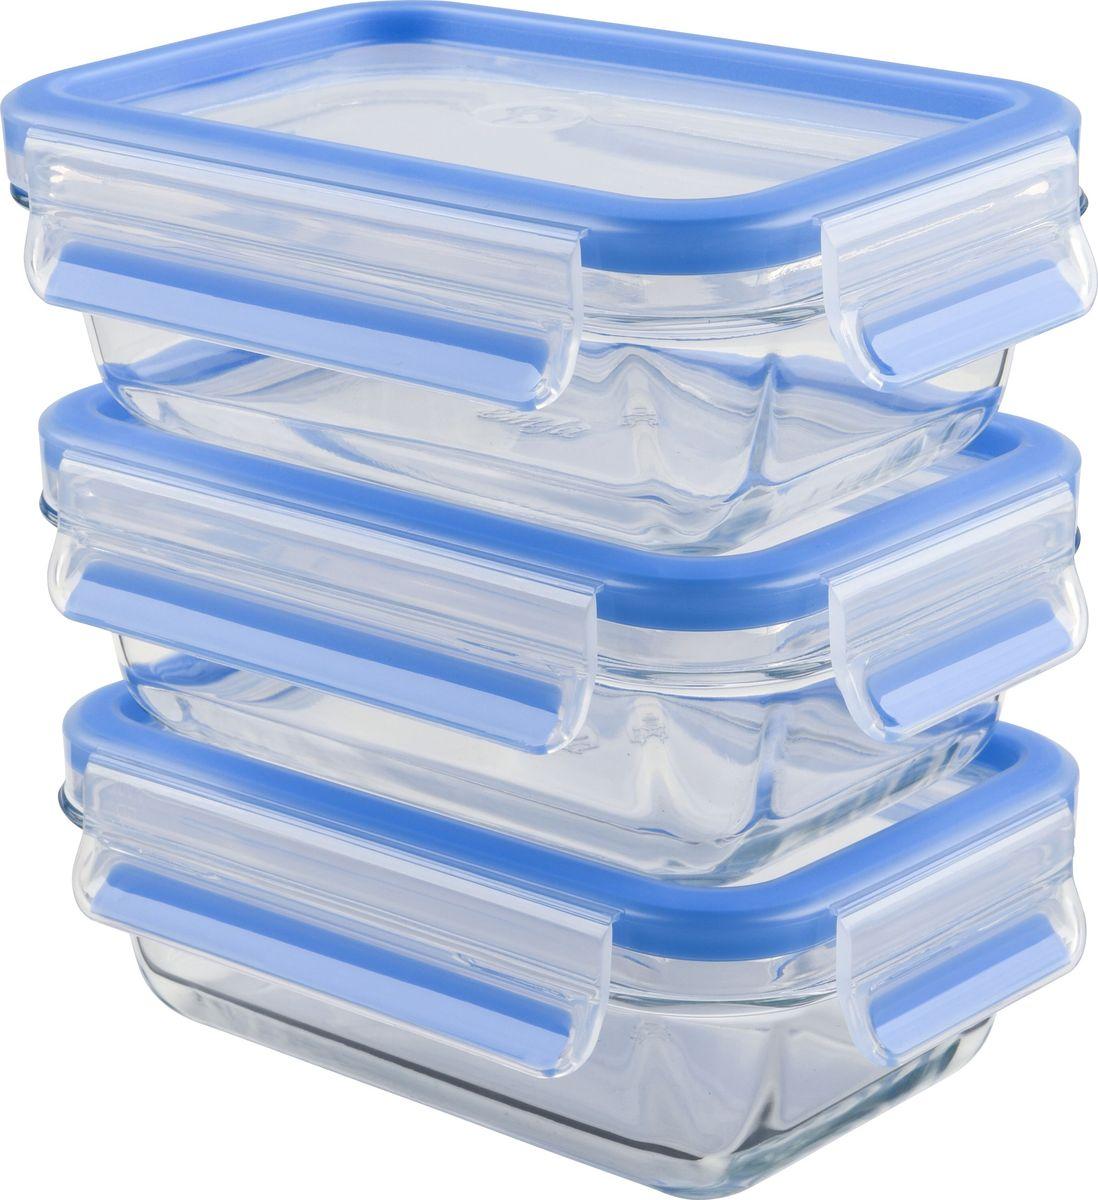 Набор контейнеров Emsa Clip&Close Glass, цвет: синий, прозрачный, 500 мл, 3 шт514170Набор контейнеров с крышками Emsa Clip&Close Glass для хранения продуктов изготовлен из закалённого и абсолютно прозрачного стекла.Не впитывает запахи и не изменяет цвет. Это абсолютно гигиеничный продукт, который подходит для хранения даже детского питания. Материал чаши диамантовое боросиликатное стекло, сделанное в Европе, дает возможность использовать контейнер для приготовления пищи в духовке с температурой до 400°C.Крышка изготовлена из высококачественного антибактериального пищевого пластика, имеющего сертификат BPA-free.- 100% герметичность - идеально не только для хранения, но и для транспортировки пищи. Герметичность достигается за счет специальных силиконовых уплотнителей в крышке, которые позволяют использовать контейнер для хранения не только пищи, но и жидкости. В таком контейнере продукты долгое время сохраняют свою свежесть - до 4-х раз дольше по сравнению с обычными, в том числе и вакуумными контейнерами.- 100% гигиеничность - уникальная технология применения медицинского силикона в уплотнителе крышки: никаких полостей - никаких микробов. Изделие снабжено крышкой, плотно закрывающейся на 4 защелки.- 100% удобство - прозрачные стенки позволяют просматривать содержимое, сохранение пространства за счёт лёгкой установки контейнеров друг на друга.Изделие подходит для домашнего использования, для пикников, поездок, отдыха на природе, его можно взять с собой на работу или учебу. Можно использовать в духовках, СВЧ-печах, холодильниках, посудомоечных машинах, морозильных камерах. Размеры контейнеров: 17,5 х 12 х 5,9 см.